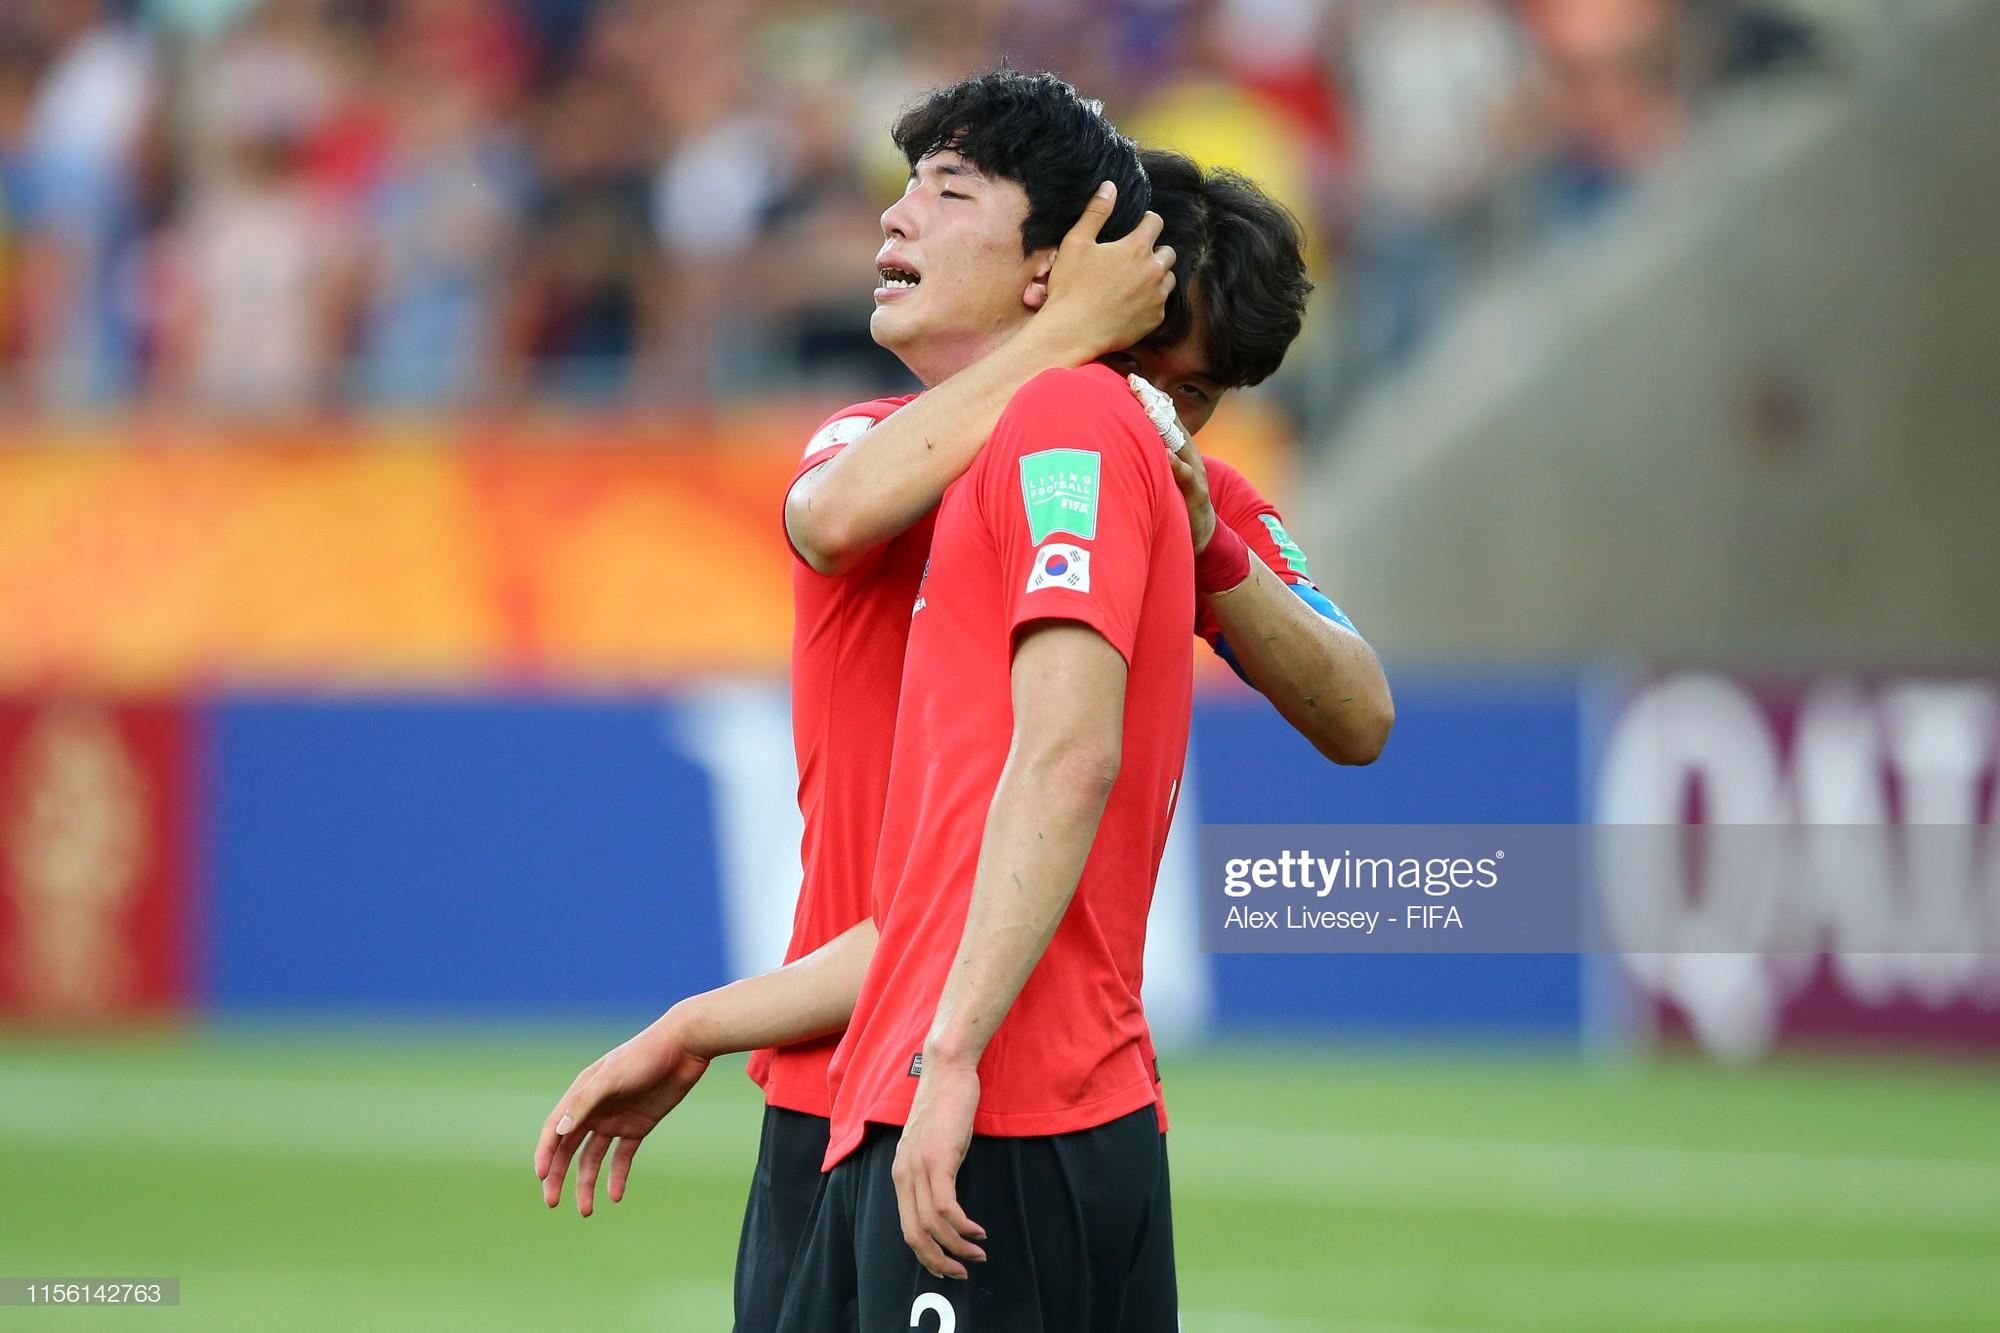 Đội bóng quê hương HLV Park Hang-seo ôm nhau khóc nấc khi thua ngược ở chung kết đấu trường World Cup - Ảnh 9.